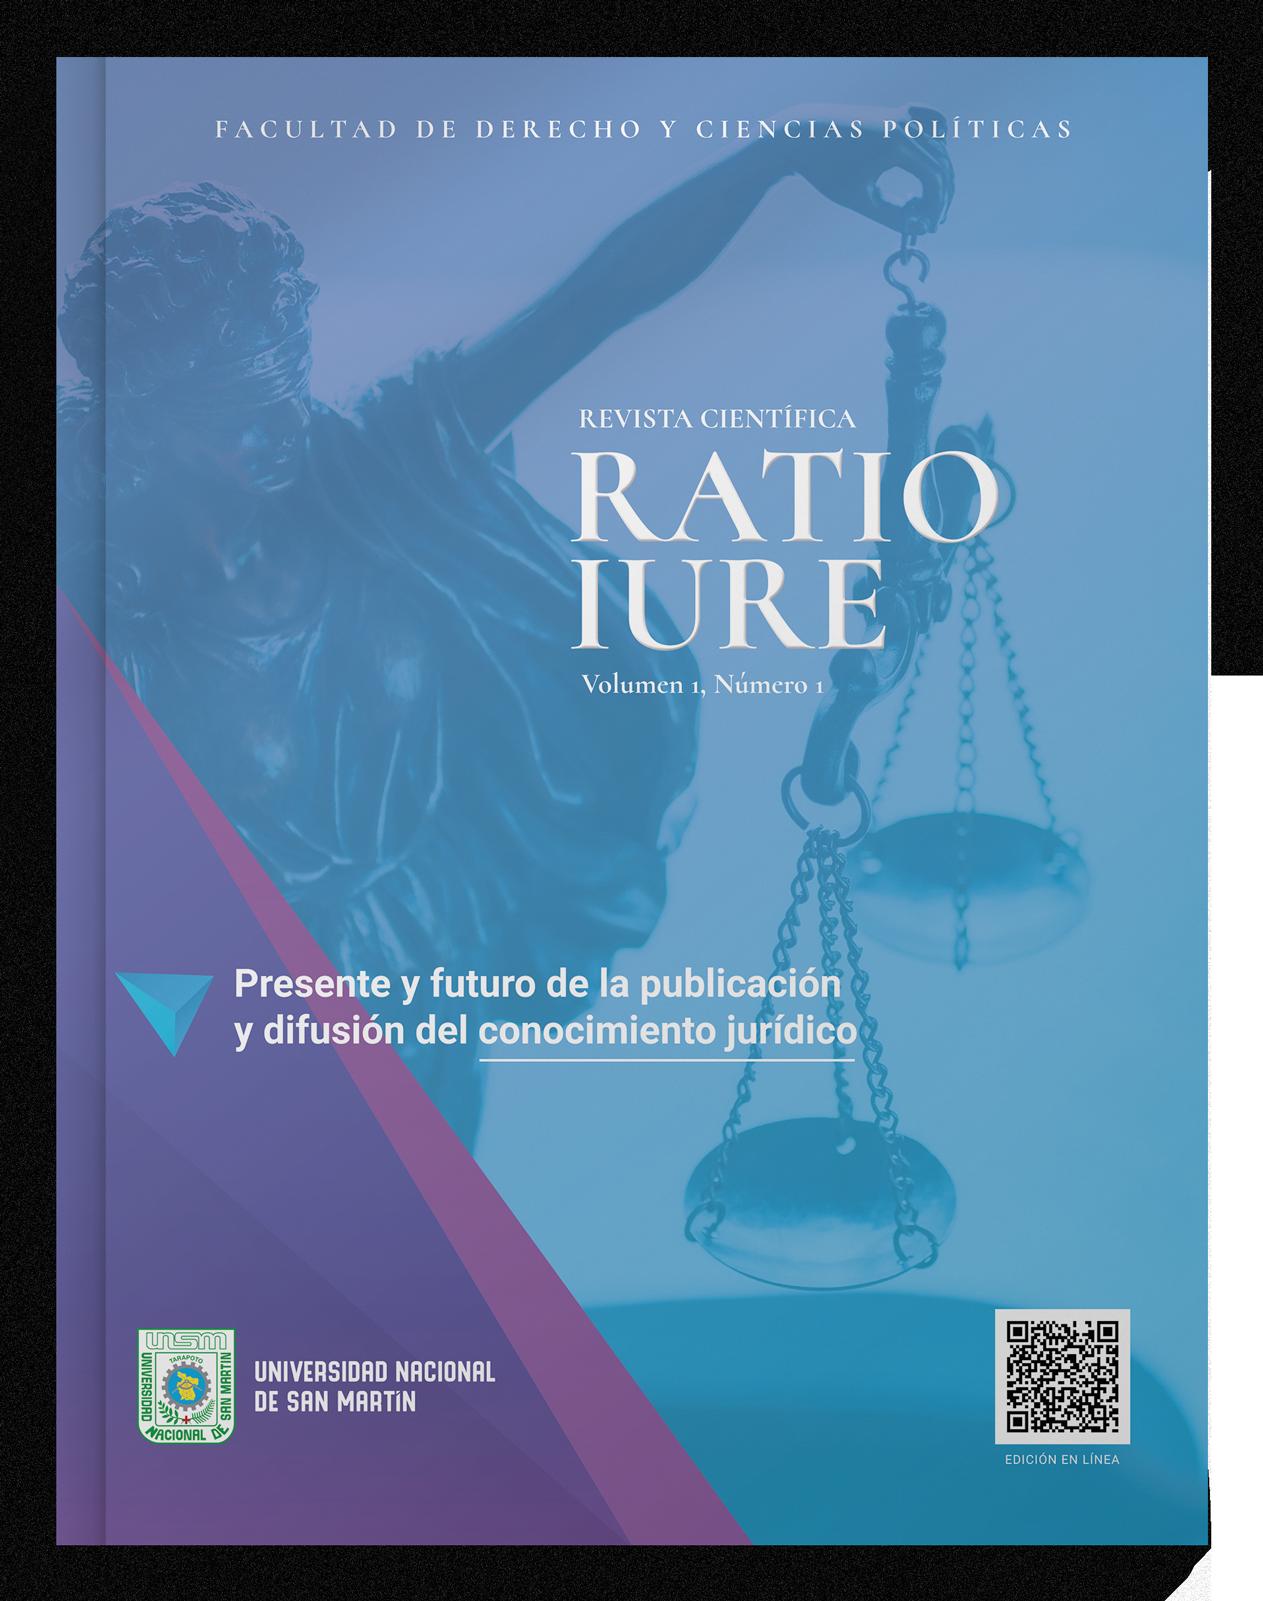 Ver Vol. 1 Núm. 1 (2021): Presente y futuro de la publicación y difusión del conocimiento jurídico